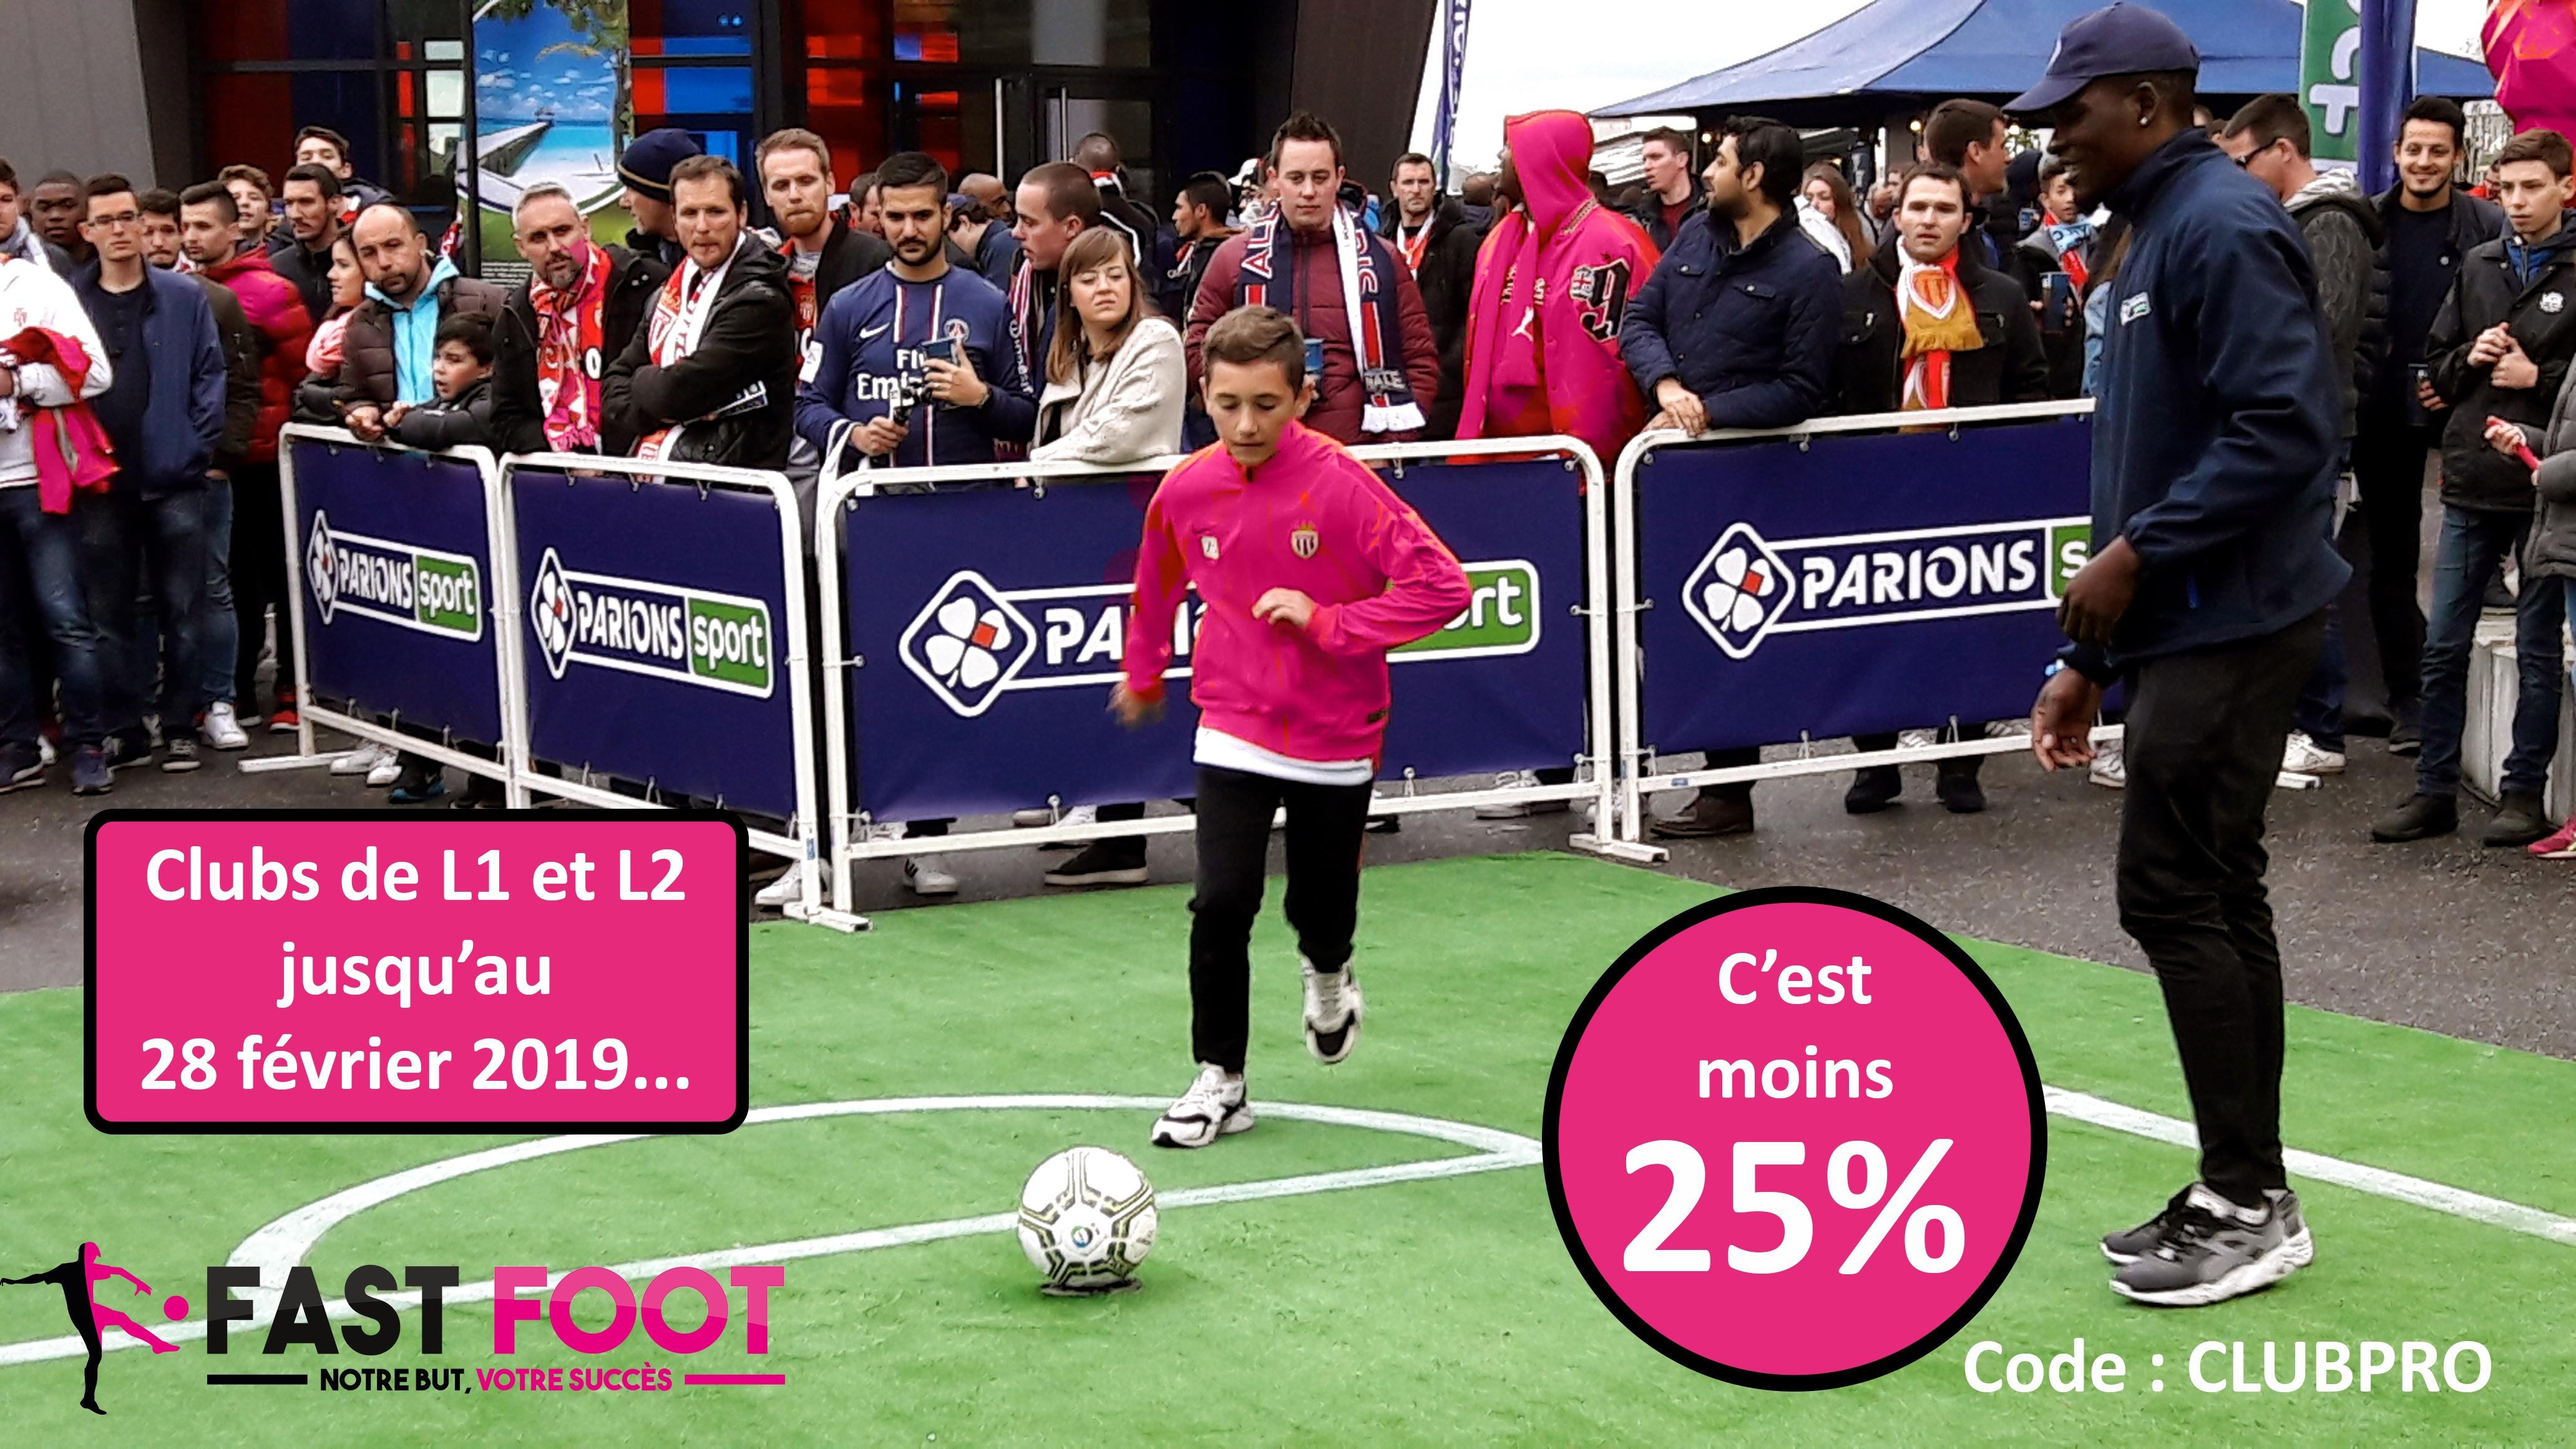 Promotion clubs Ligue 1 Ligue 2 pour 2019